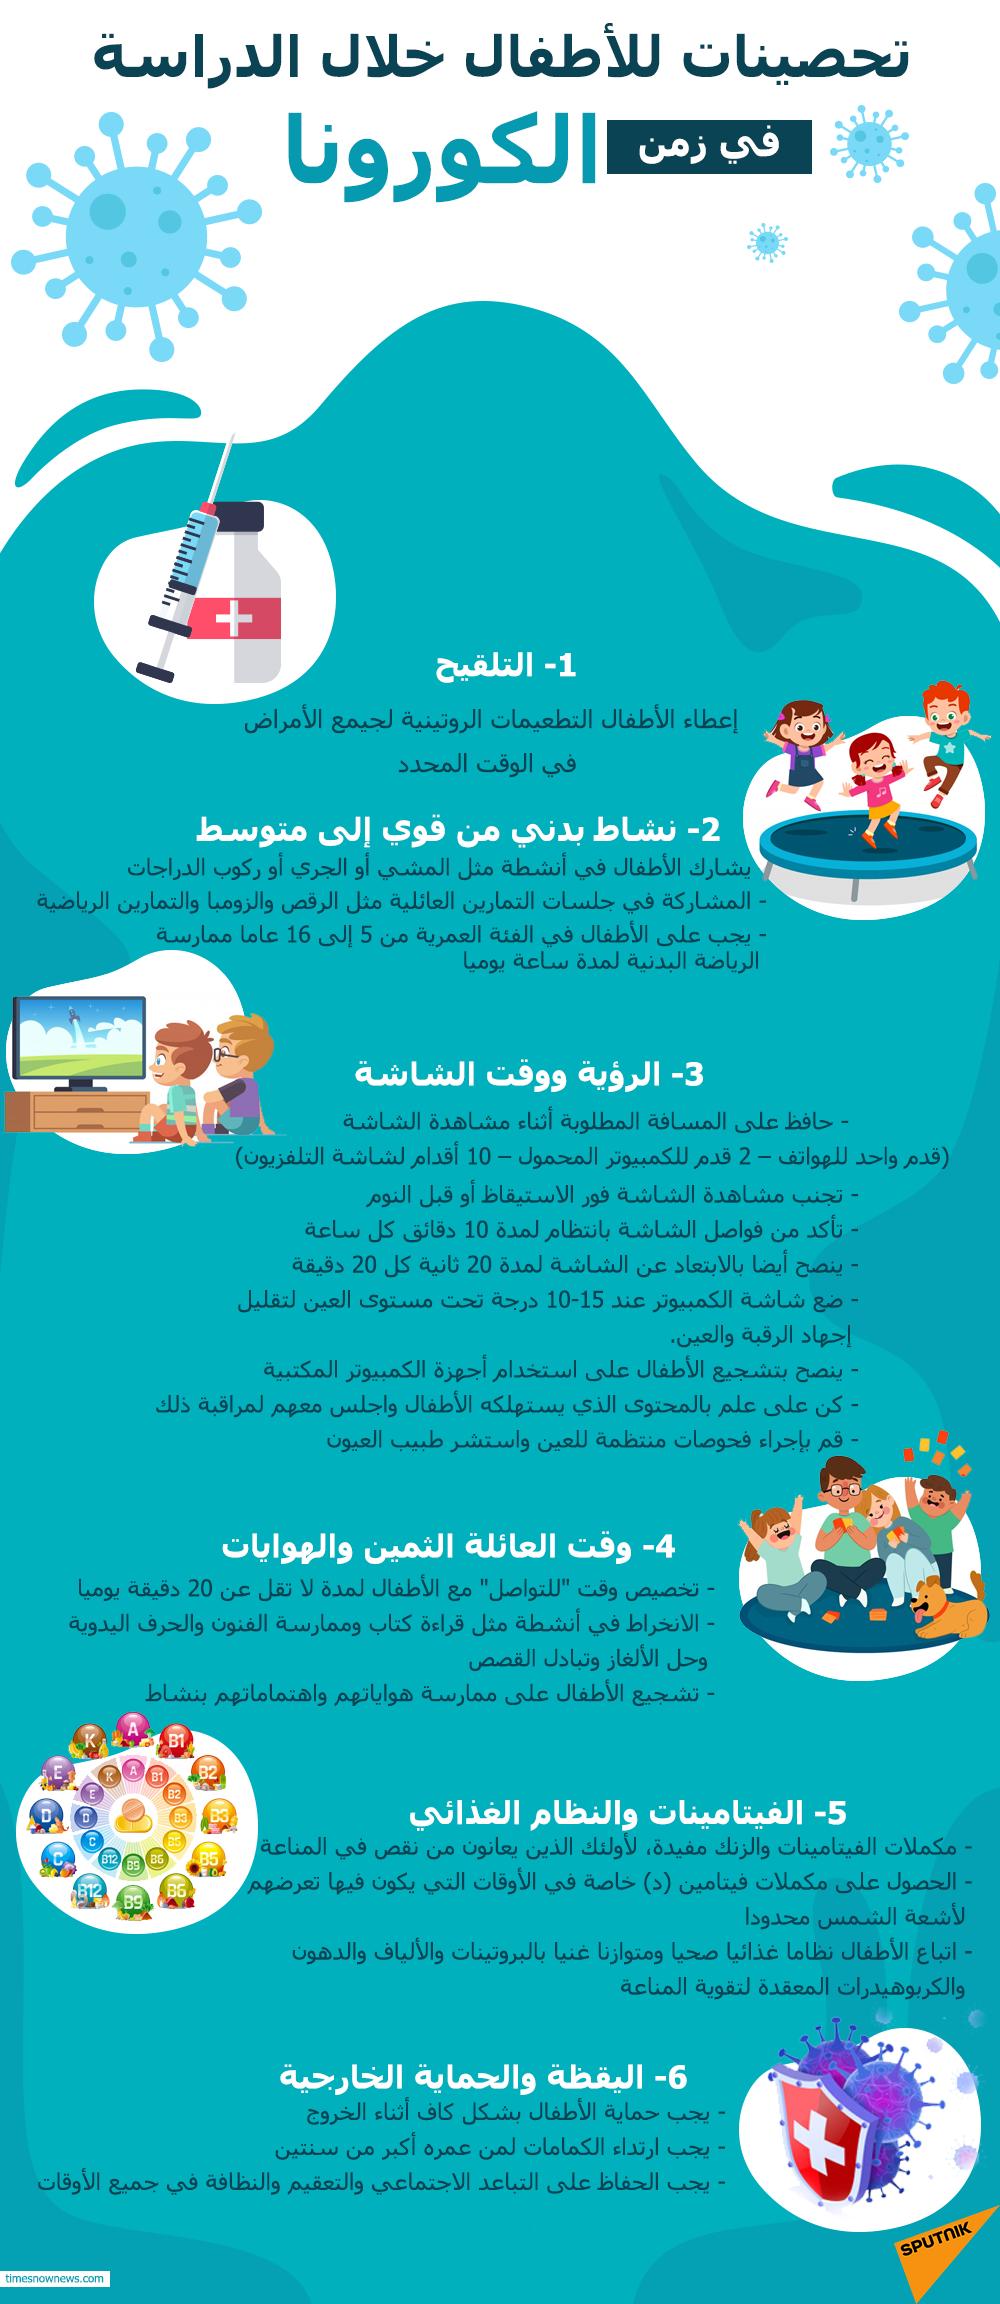 6 تحصينات للأطفال خلال الدراسة في زمن الكورونا